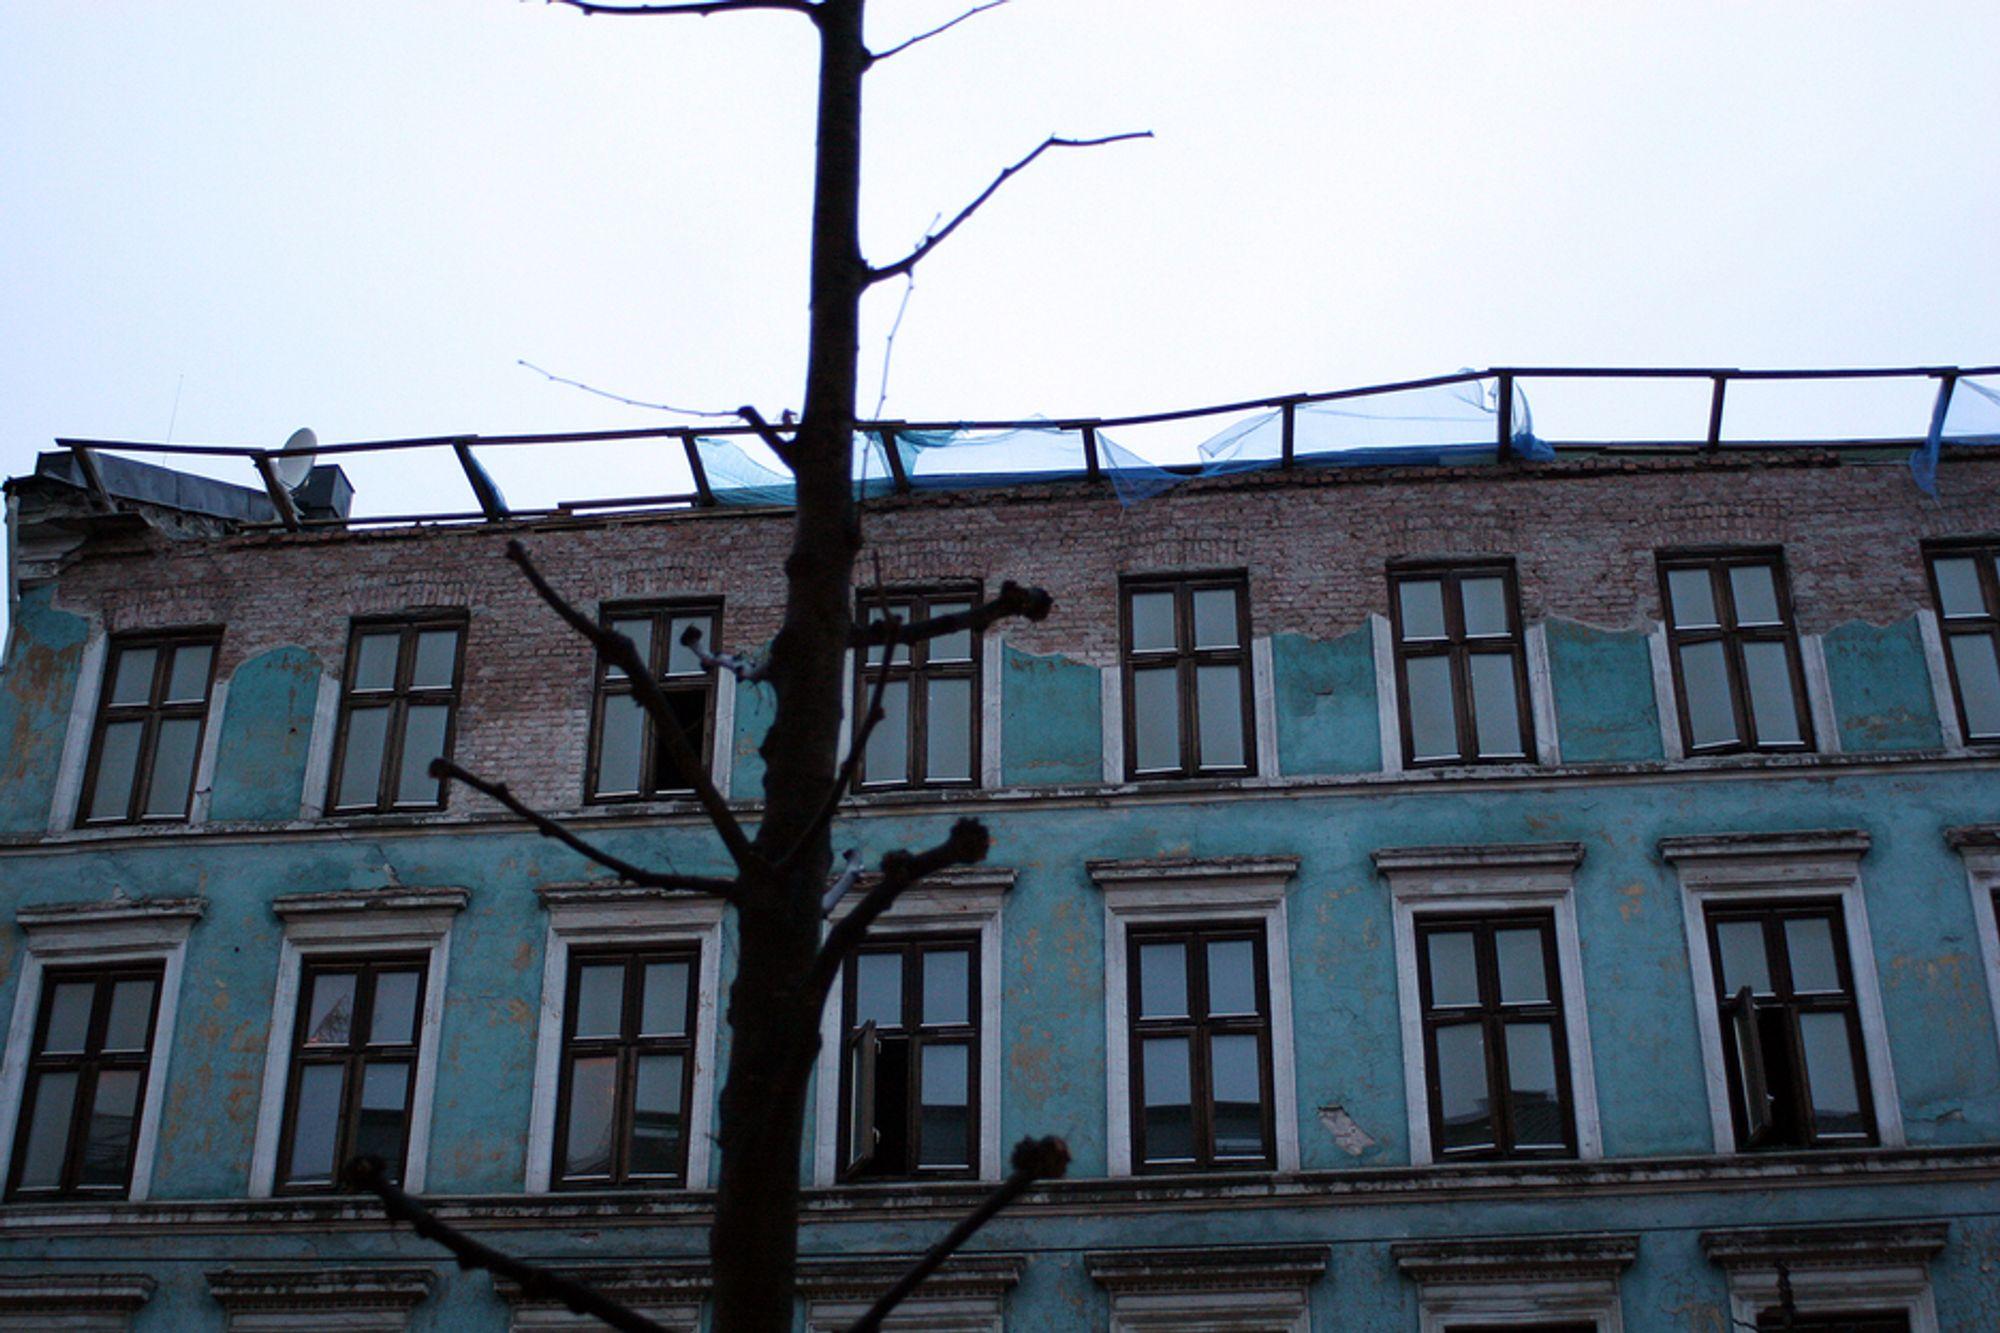 IKKE ALENE: Det finnes mange slike verstinger uten tak i Oslo. Flere TU.no har snakket med synes det er meningsløst at bygget har fått forfalle så lenge uten at noen har grepet inn.